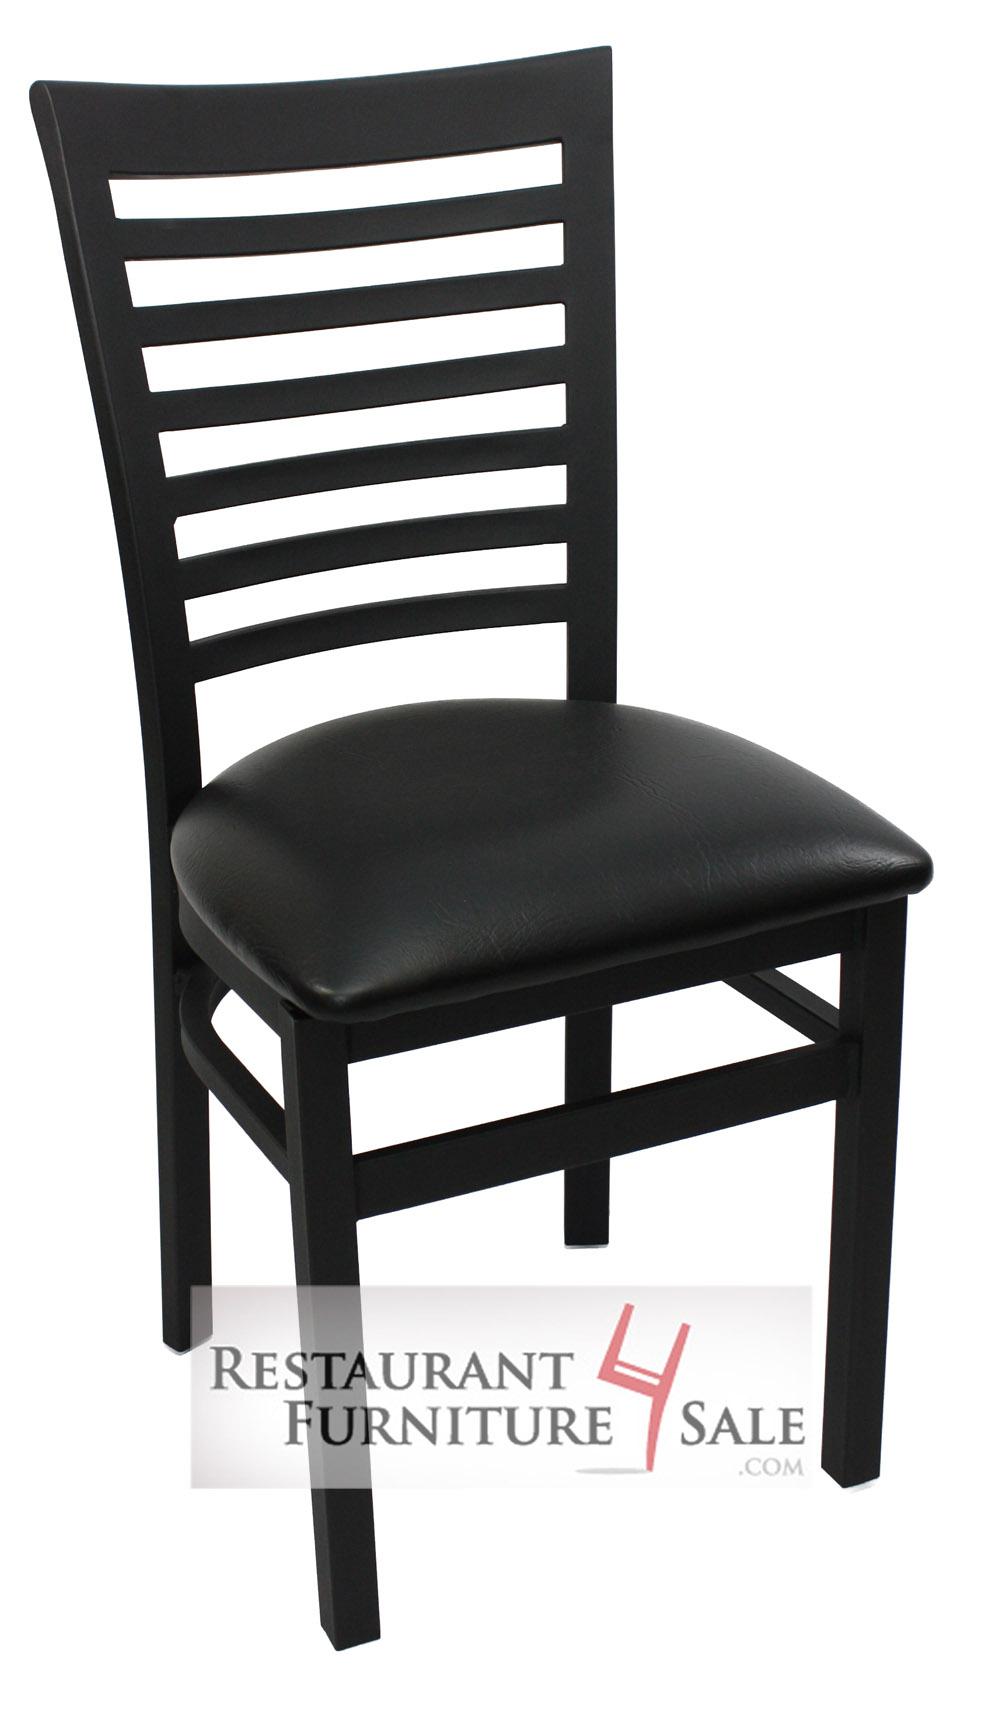 Bon GLADIATOR Commercial Full Ladderback Restaurant Chair W/ Black Vinyl Seat